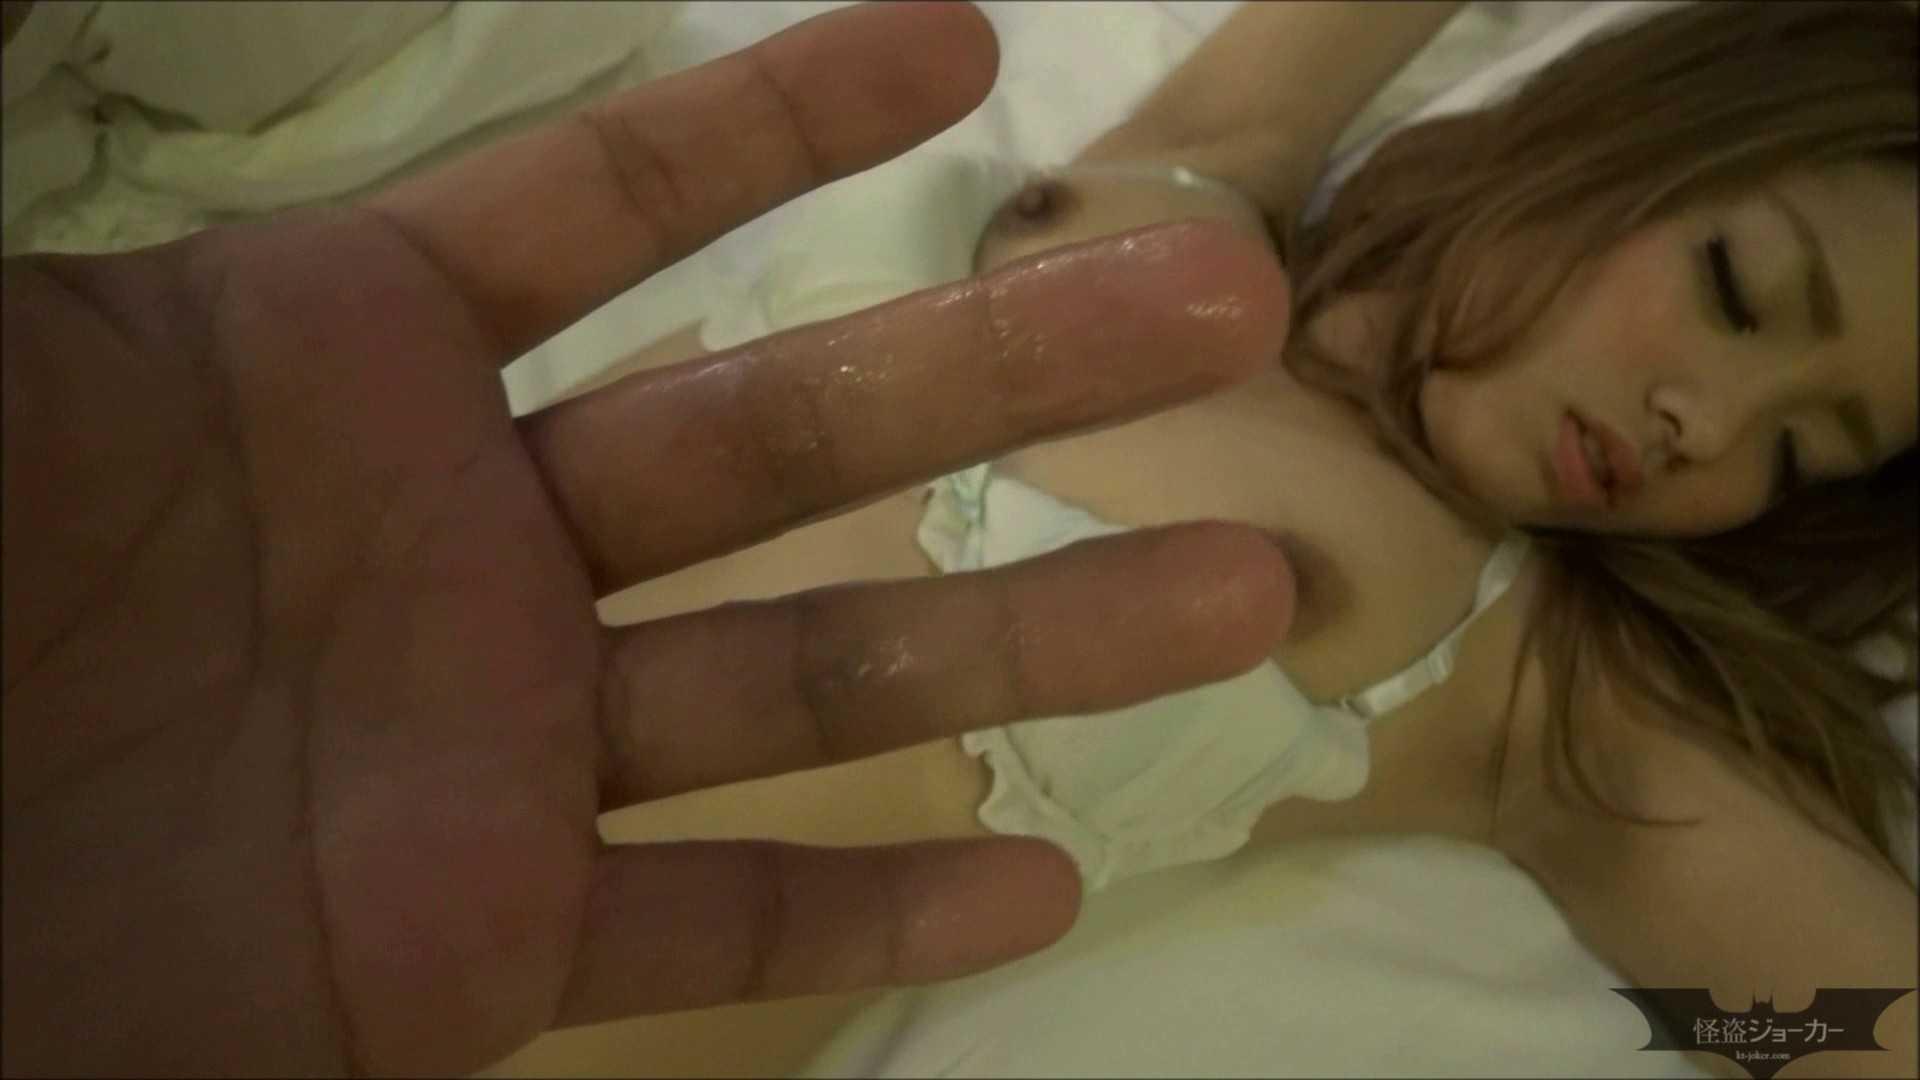 【未公開】vol.93 {茶髪ギャル}美巨乳アミちゃん②ゴメンネw【後編】 0   0  76pic 49